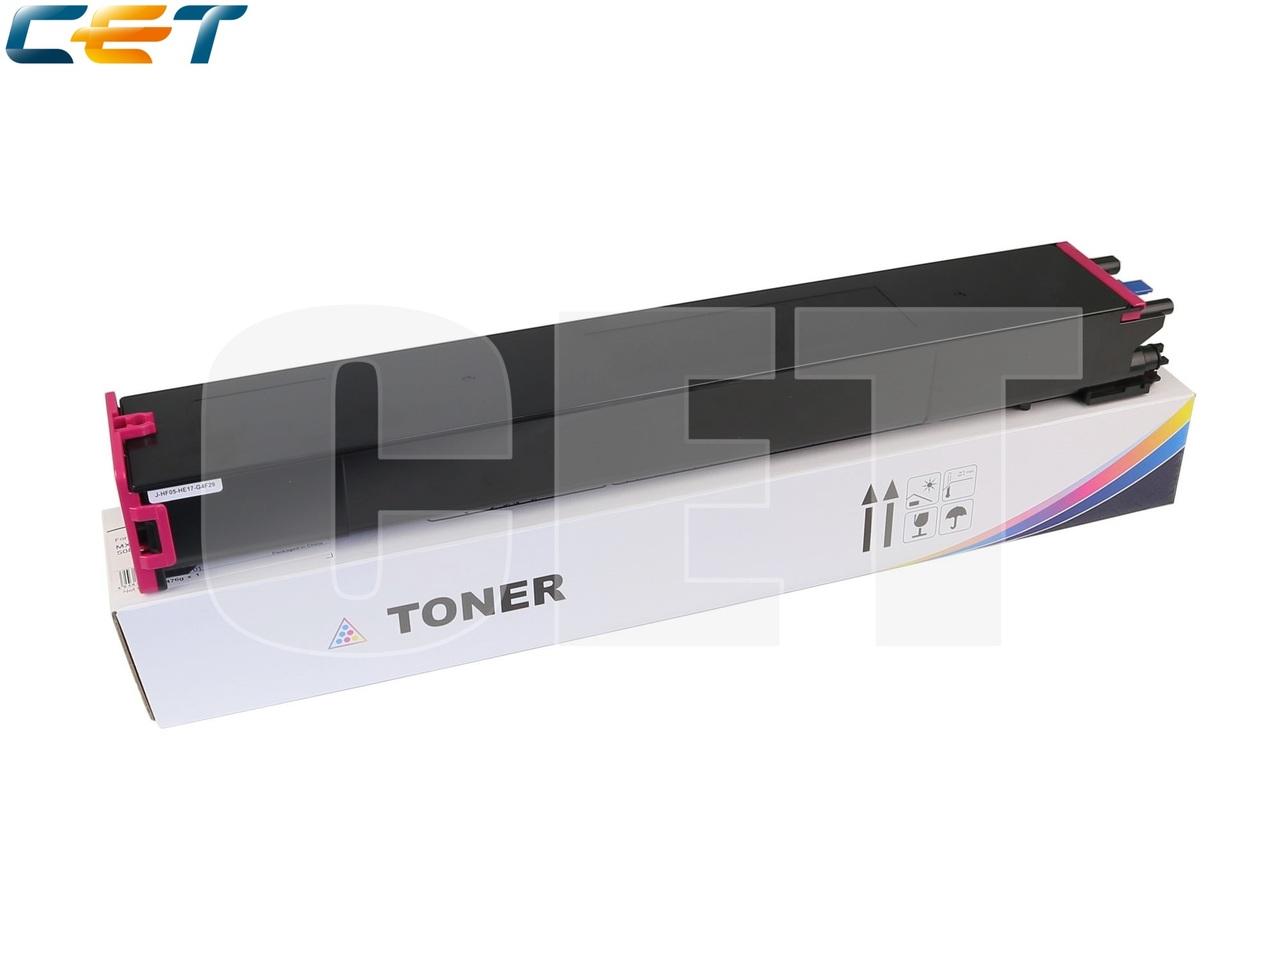 Тонер-картридж (TF9) MX-60GTMA для SHARPMX-3050N/4050N/4070N/5070N (CET) Magenta, 476г, 24000стр., CET141244